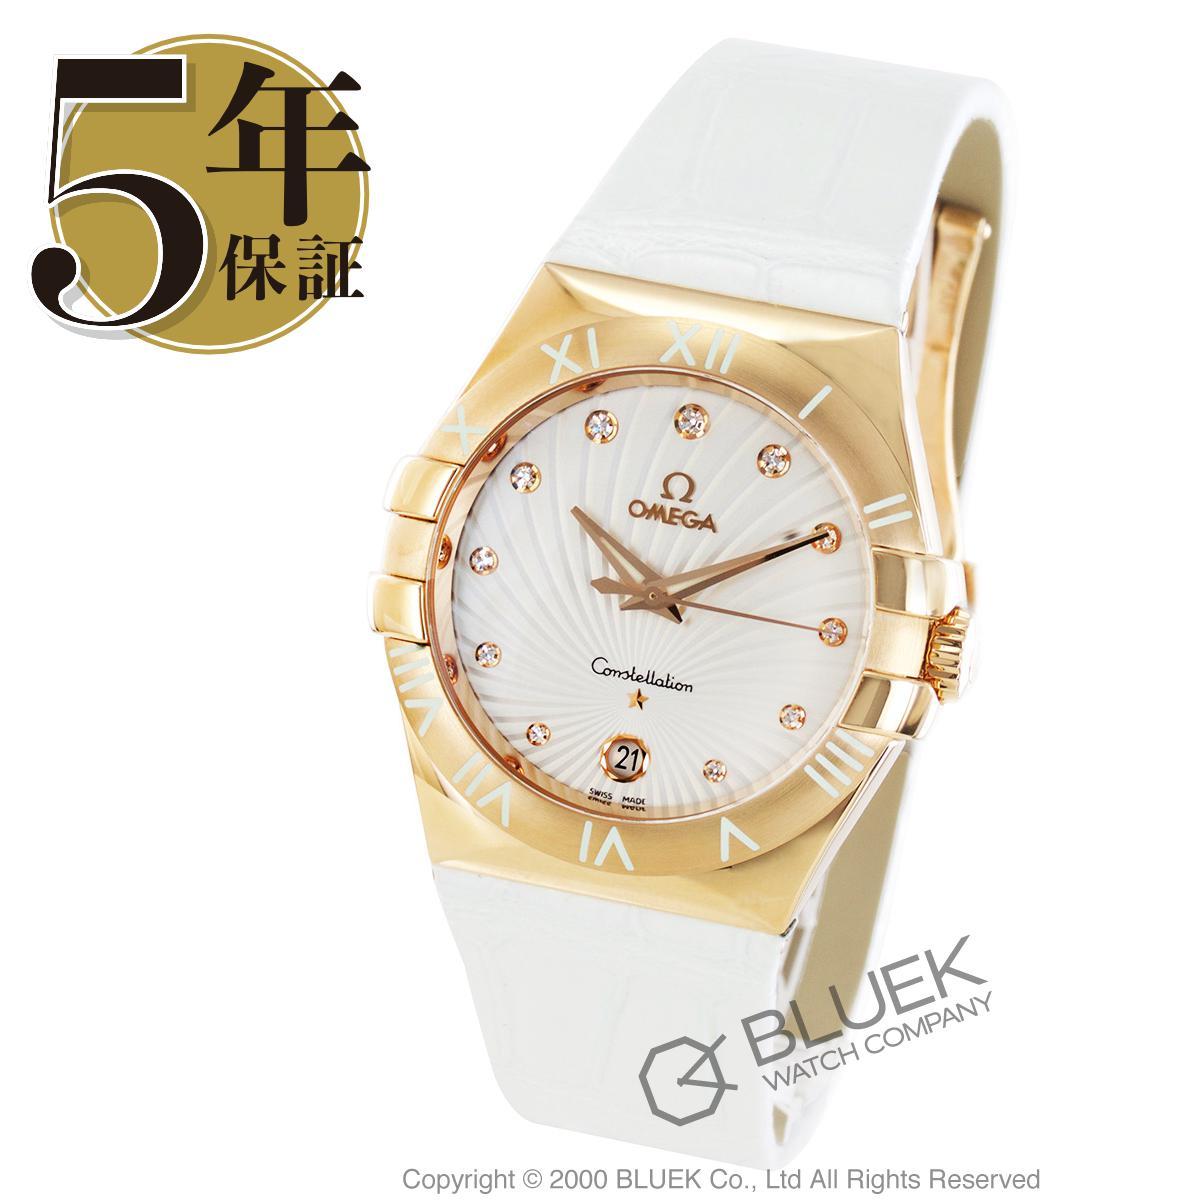 acdcccc2d9 オメガ コンステレーション ダイヤ RG金無垢 アリゲーターレザー 腕時計 レディース OMEGA 123.53.35.60.